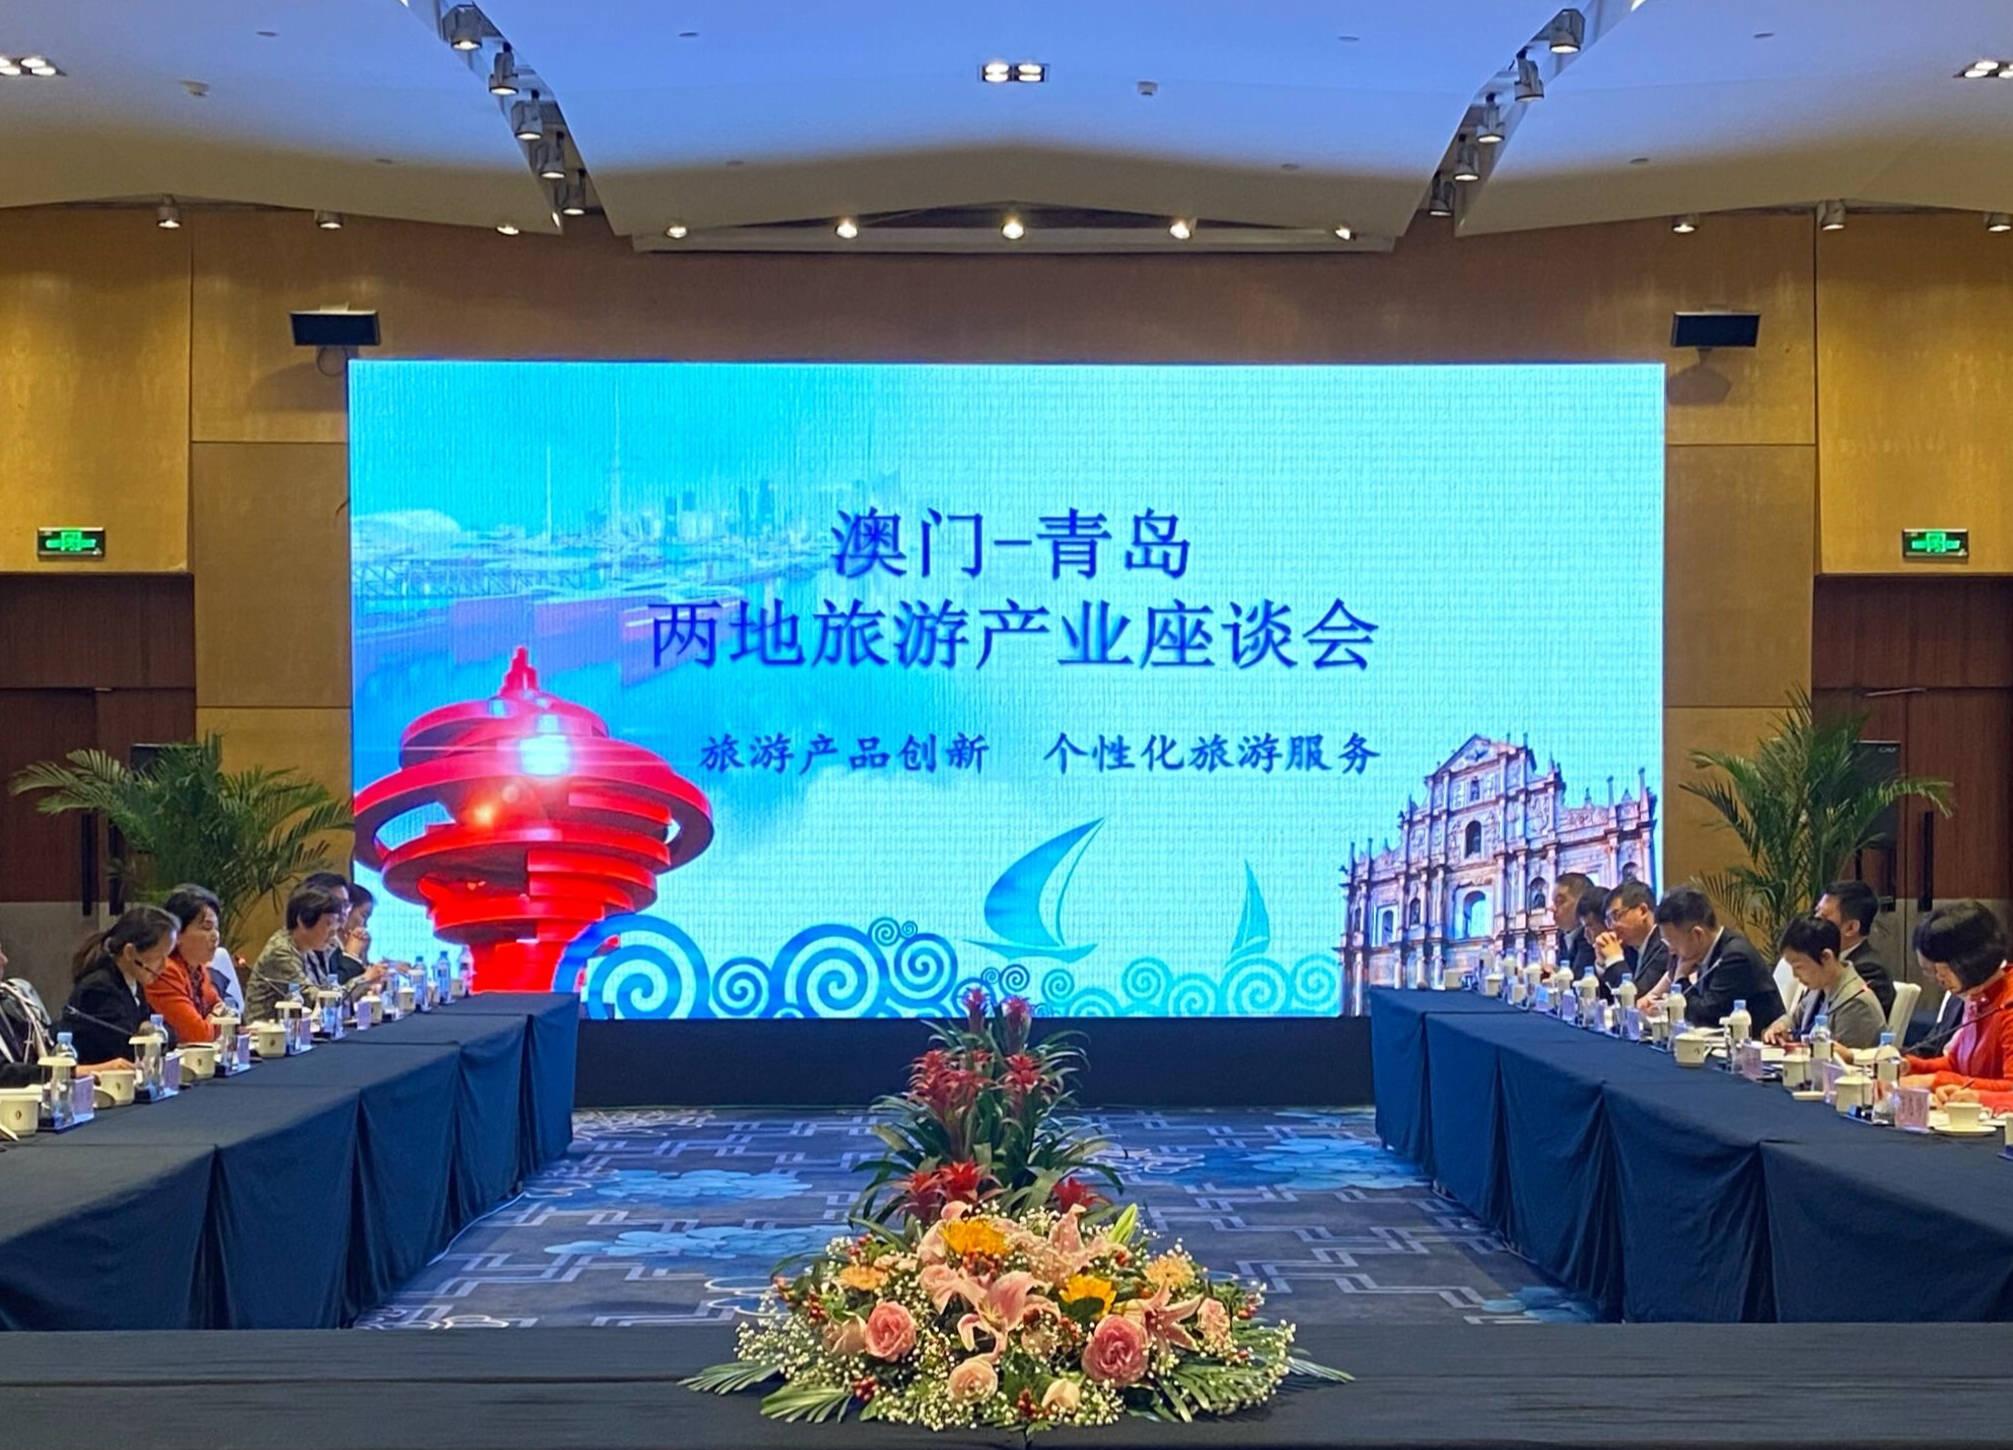 澳门—青岛两地旅游产业座谈会在青岛举行